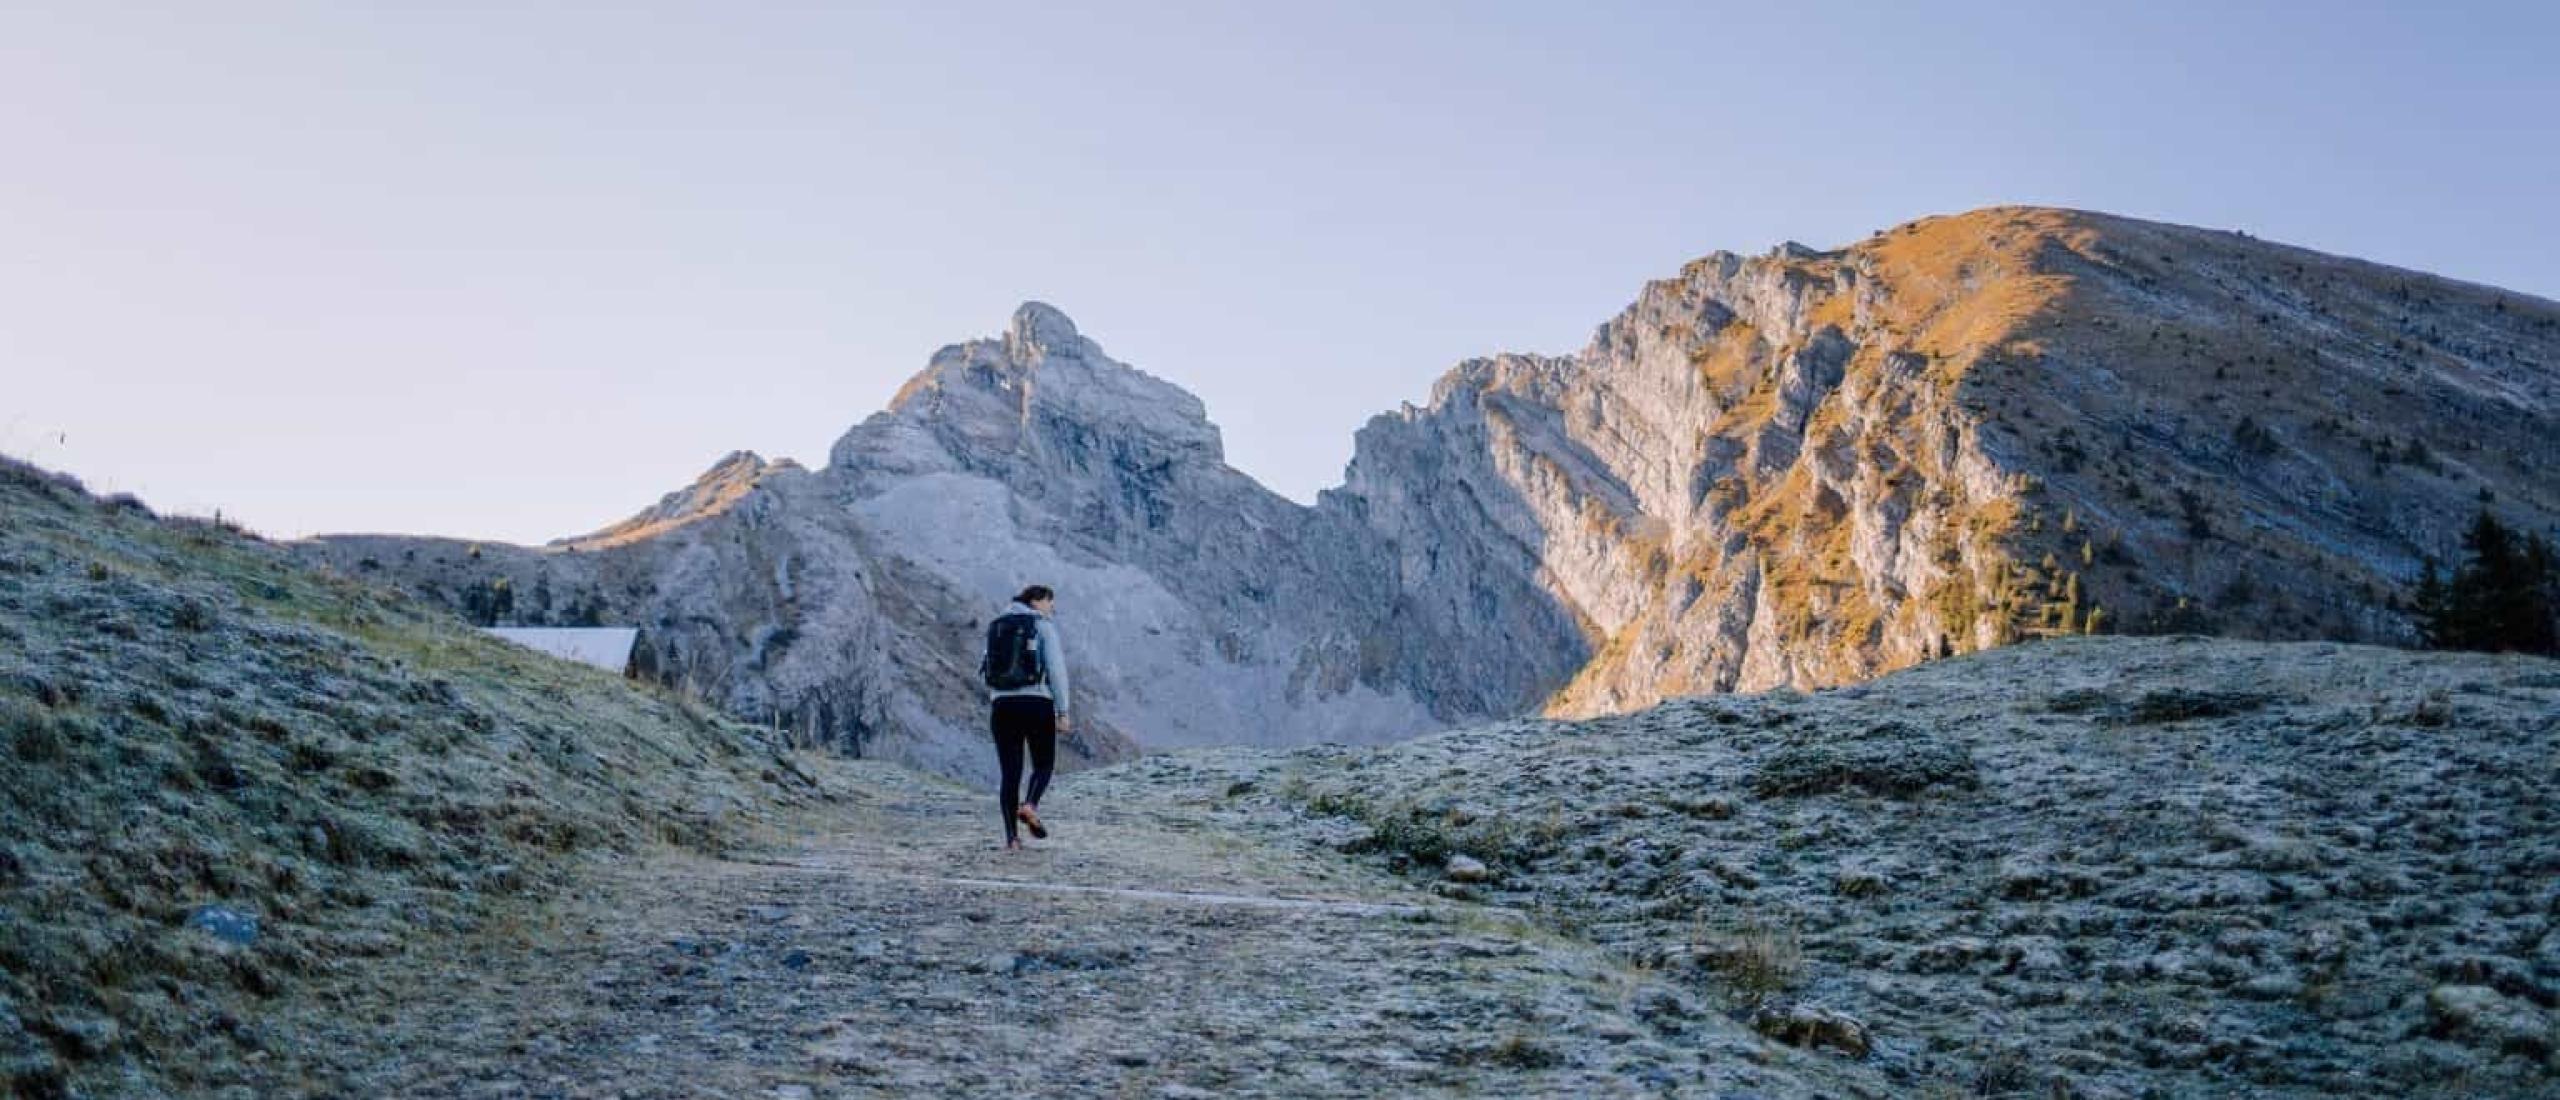 Eenzaamheid op je solo reis voorkomen